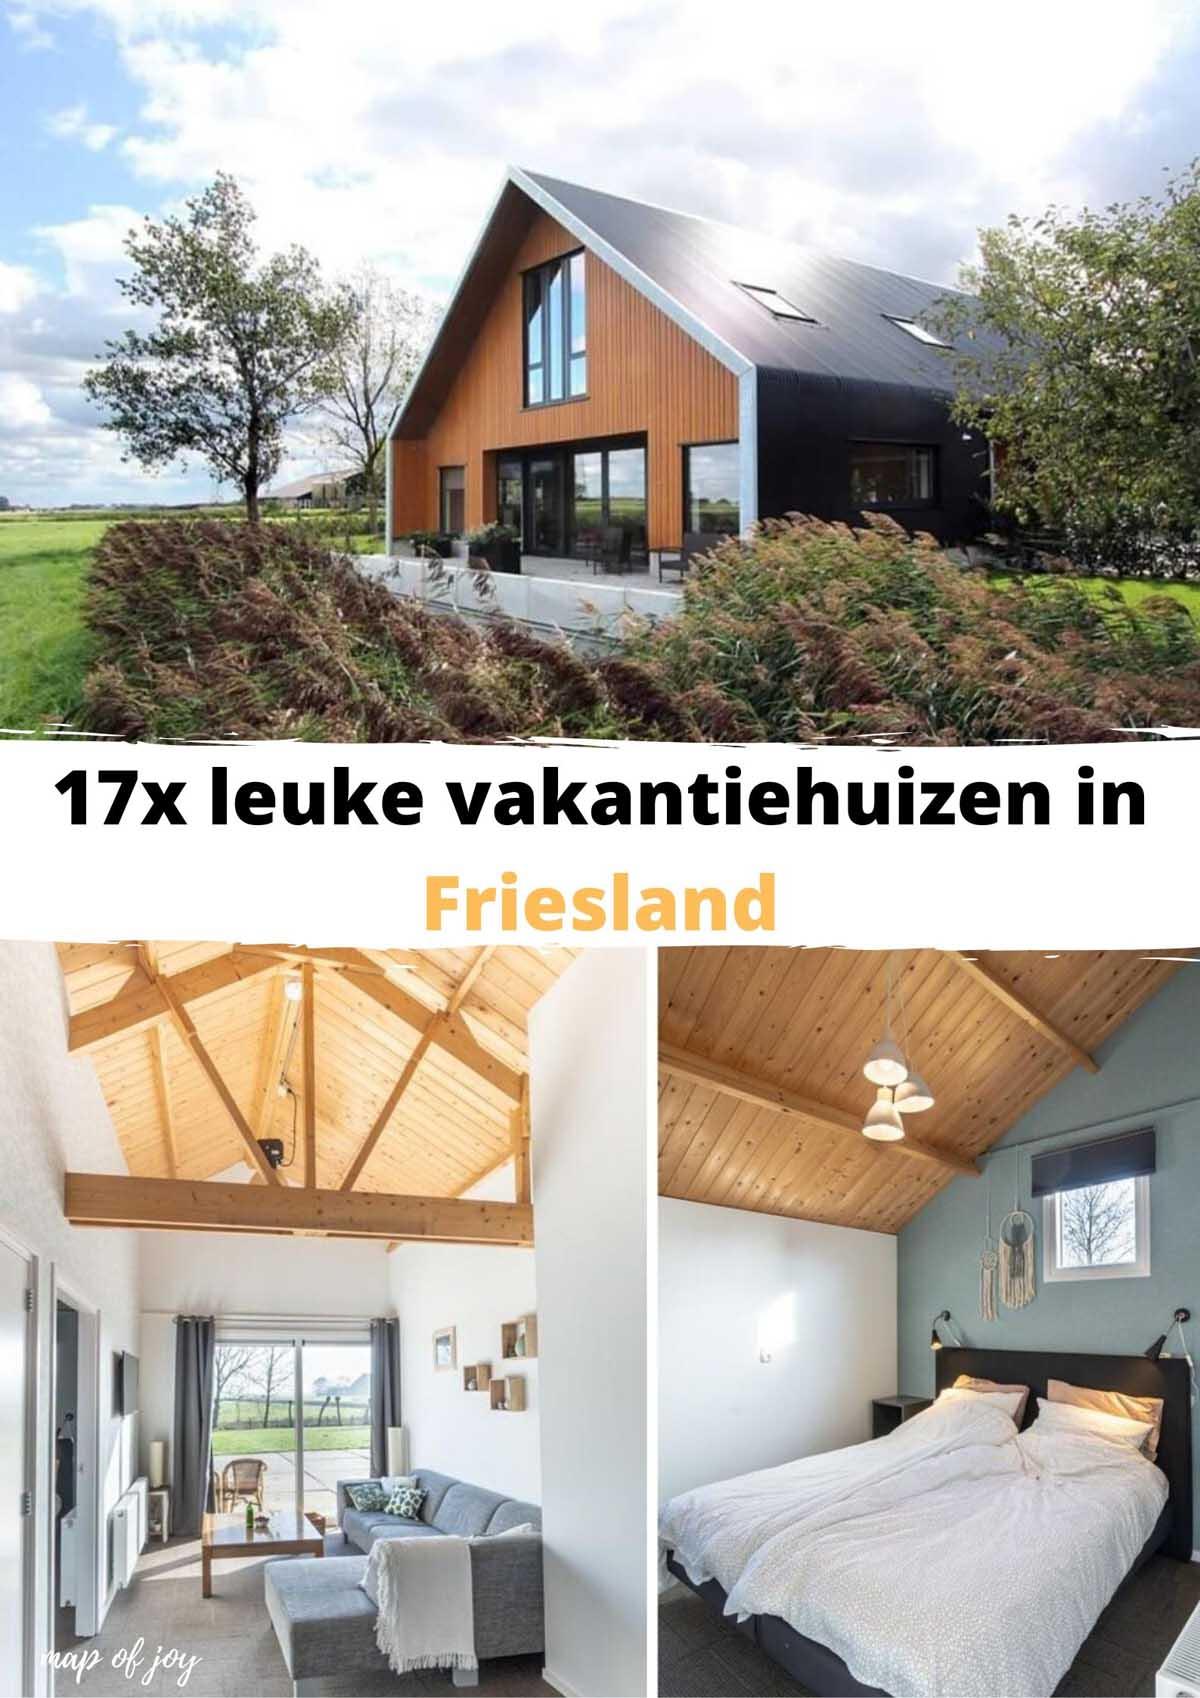 17x leuke vakantiehuizen in Friesland